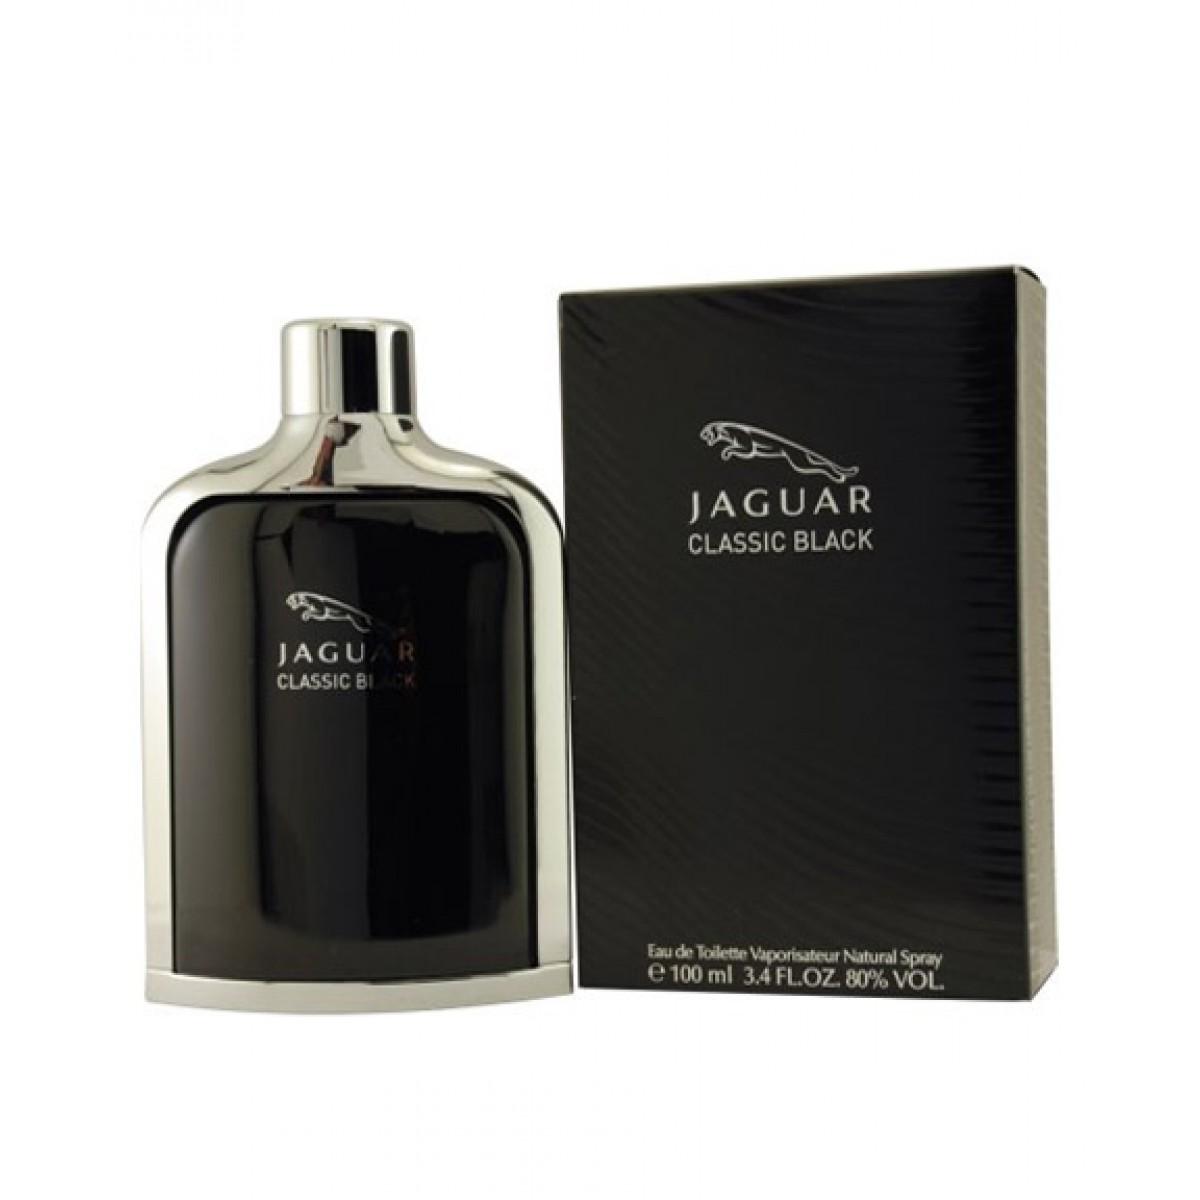 de jaguar f perfume eau xe kiss t type for toilette women